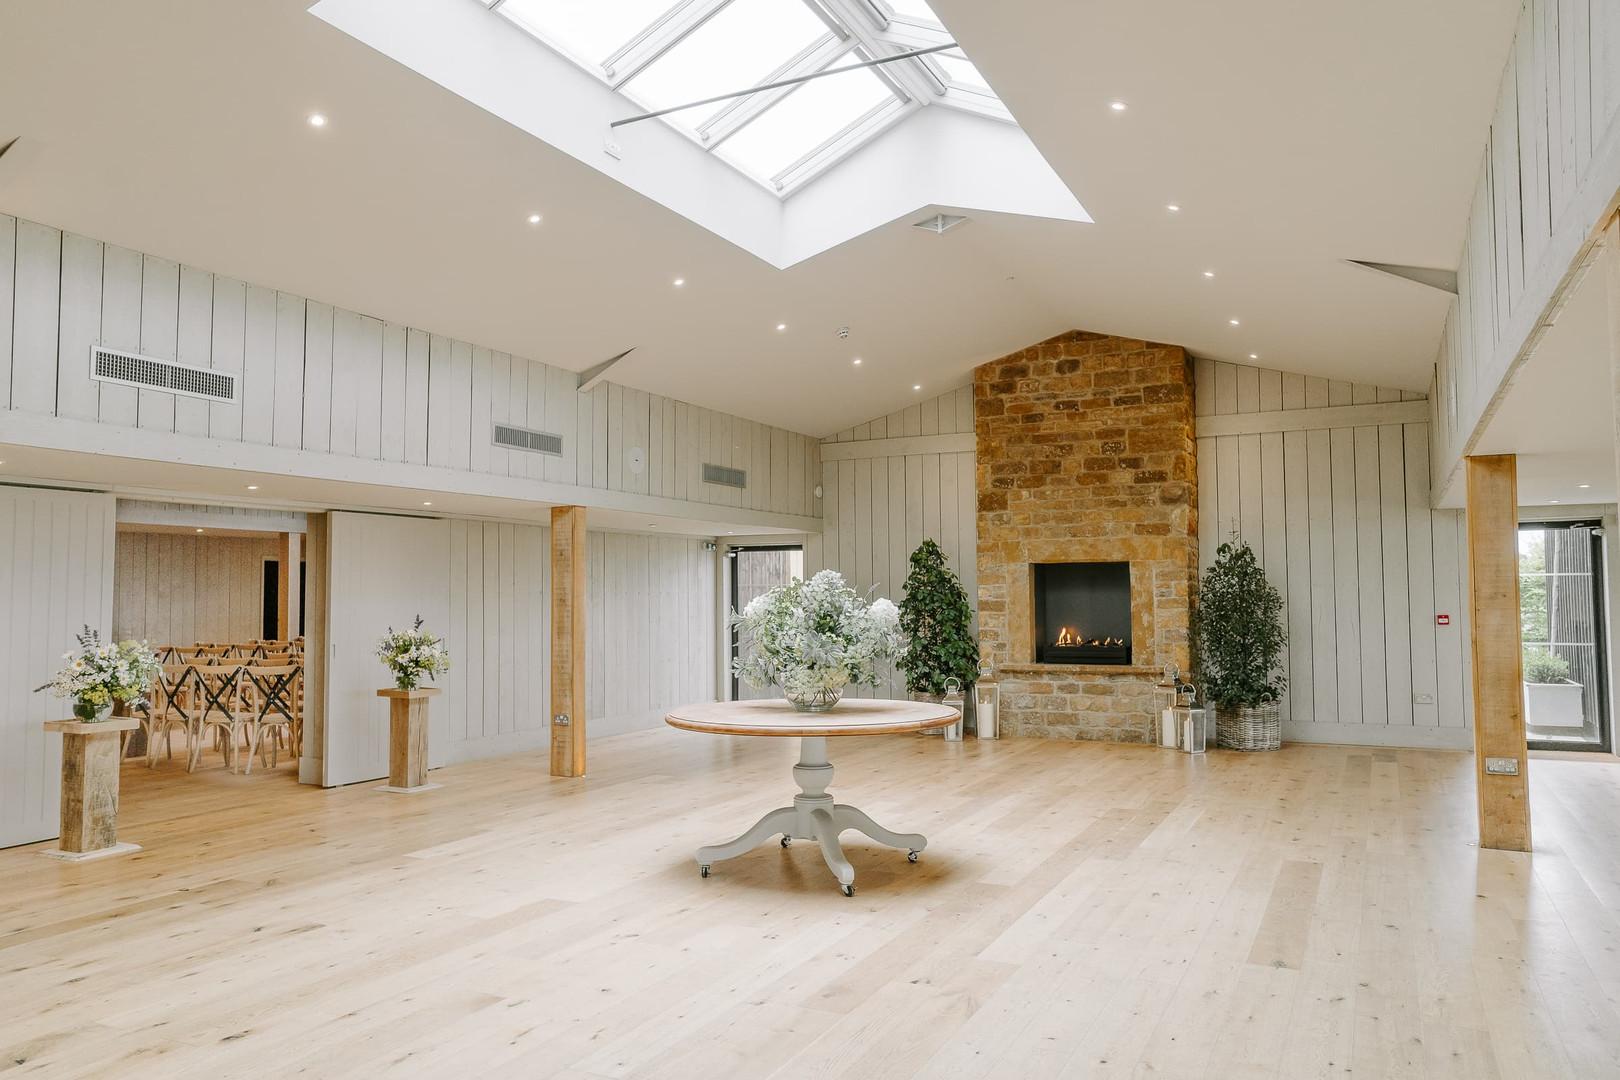 Modern wedding barn venue in oxfordshire